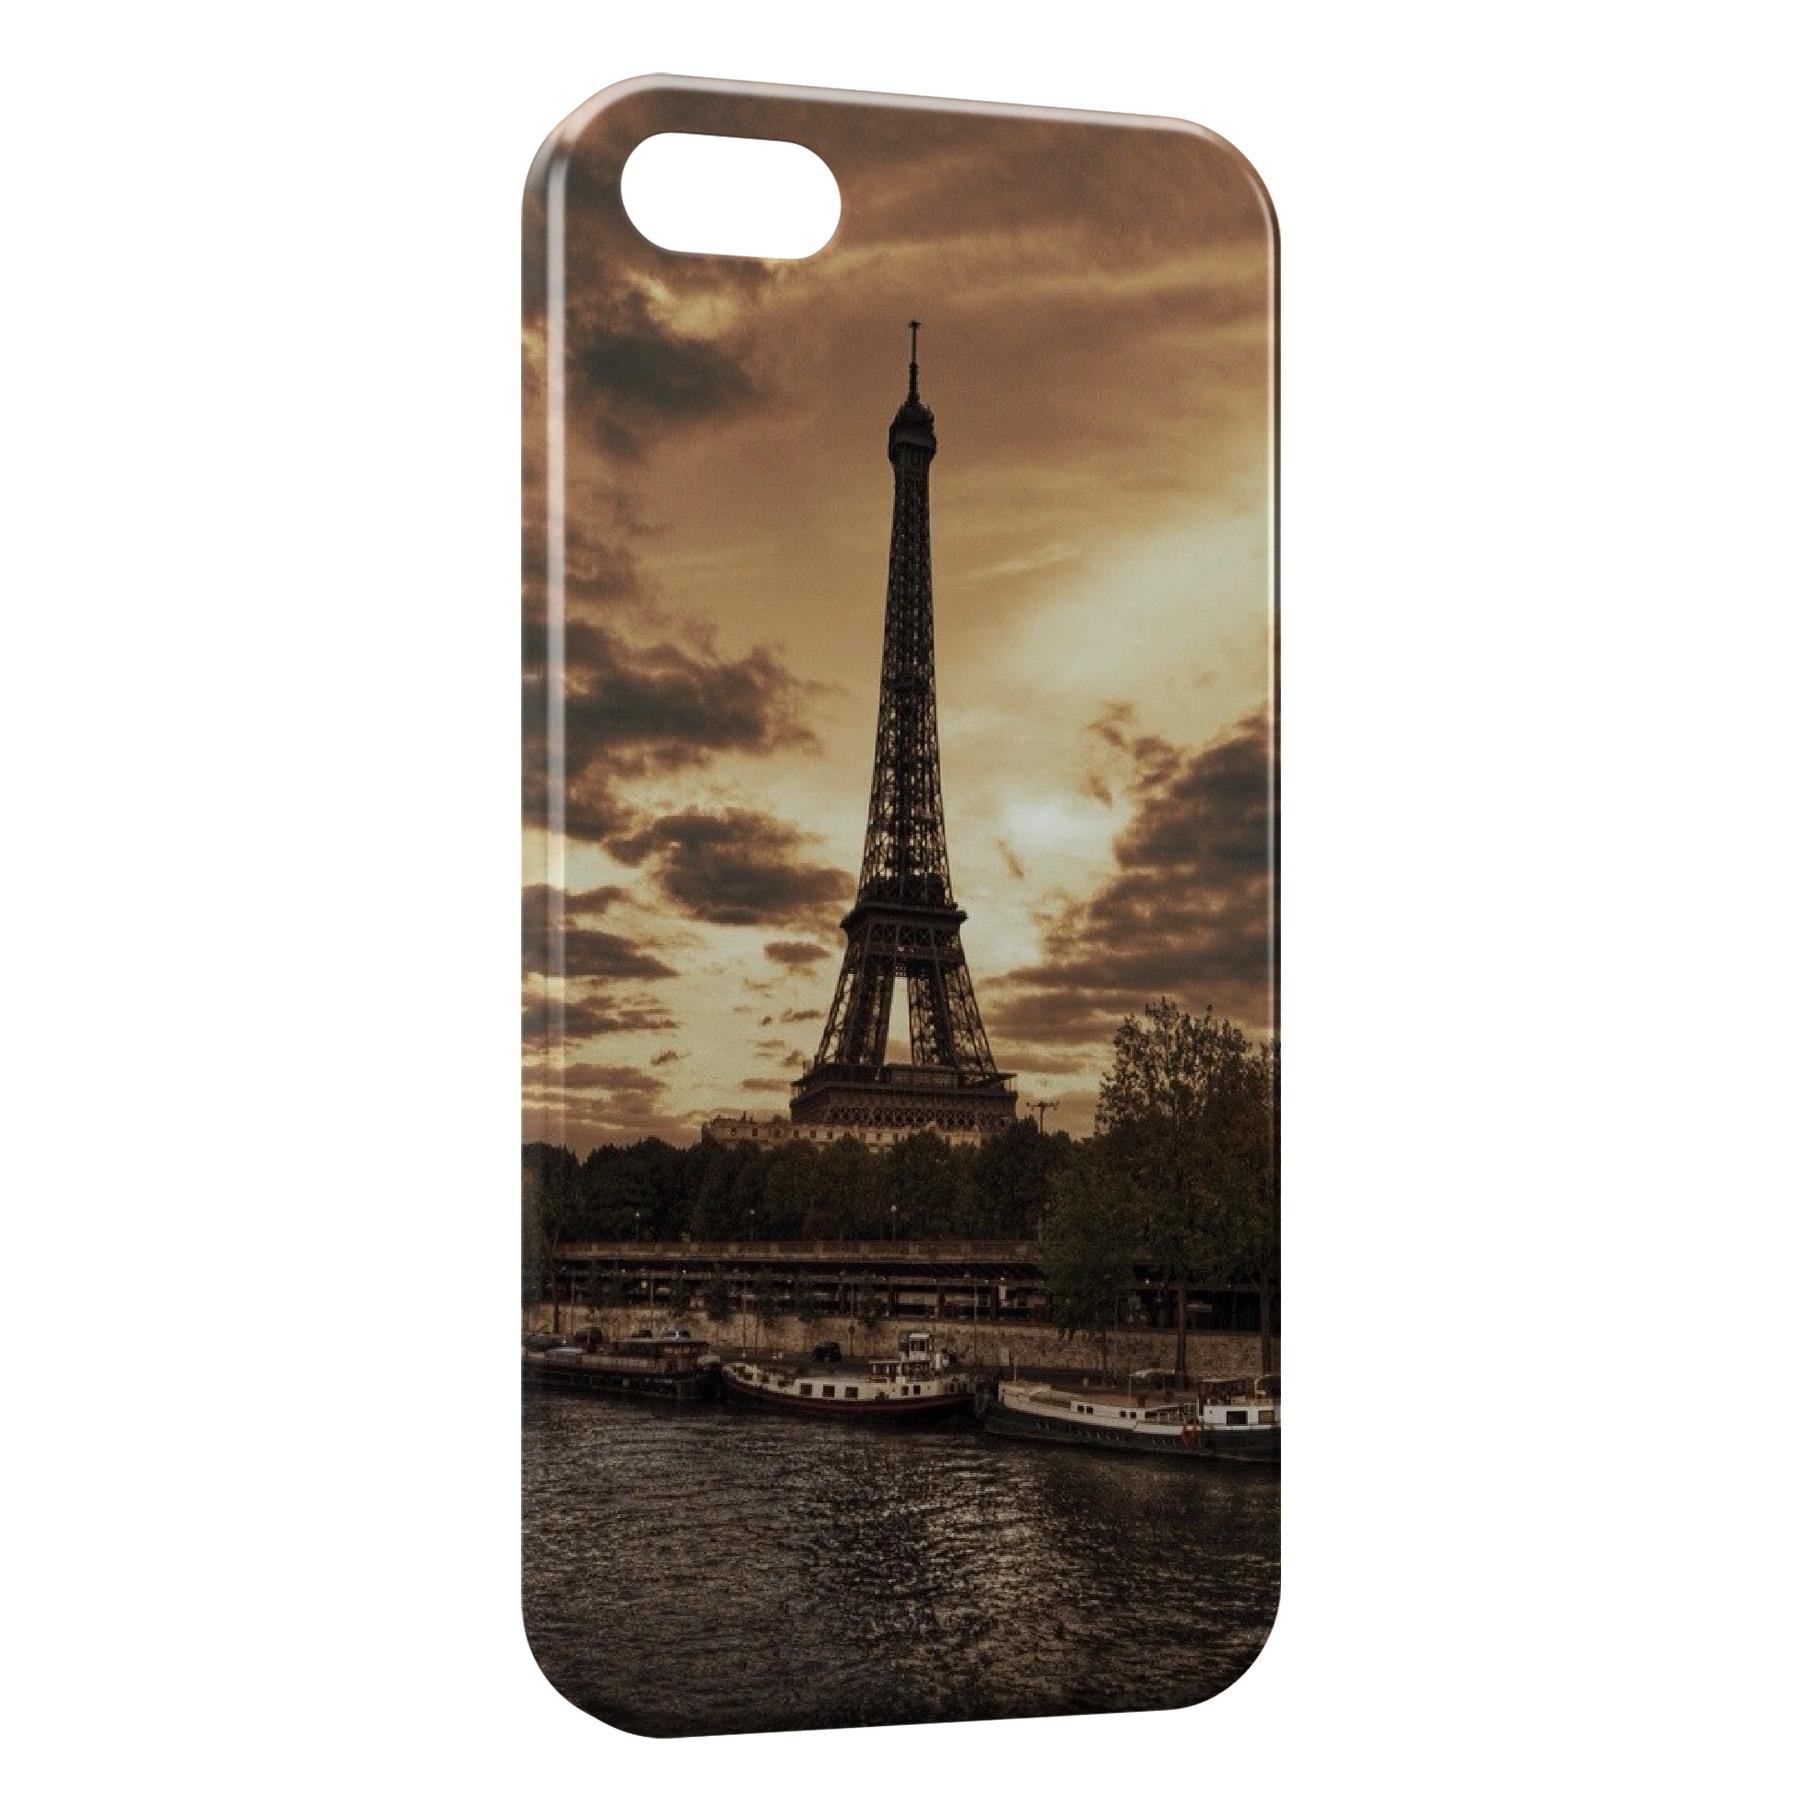 Coque iPhone 5C Paris Tour Eiffel